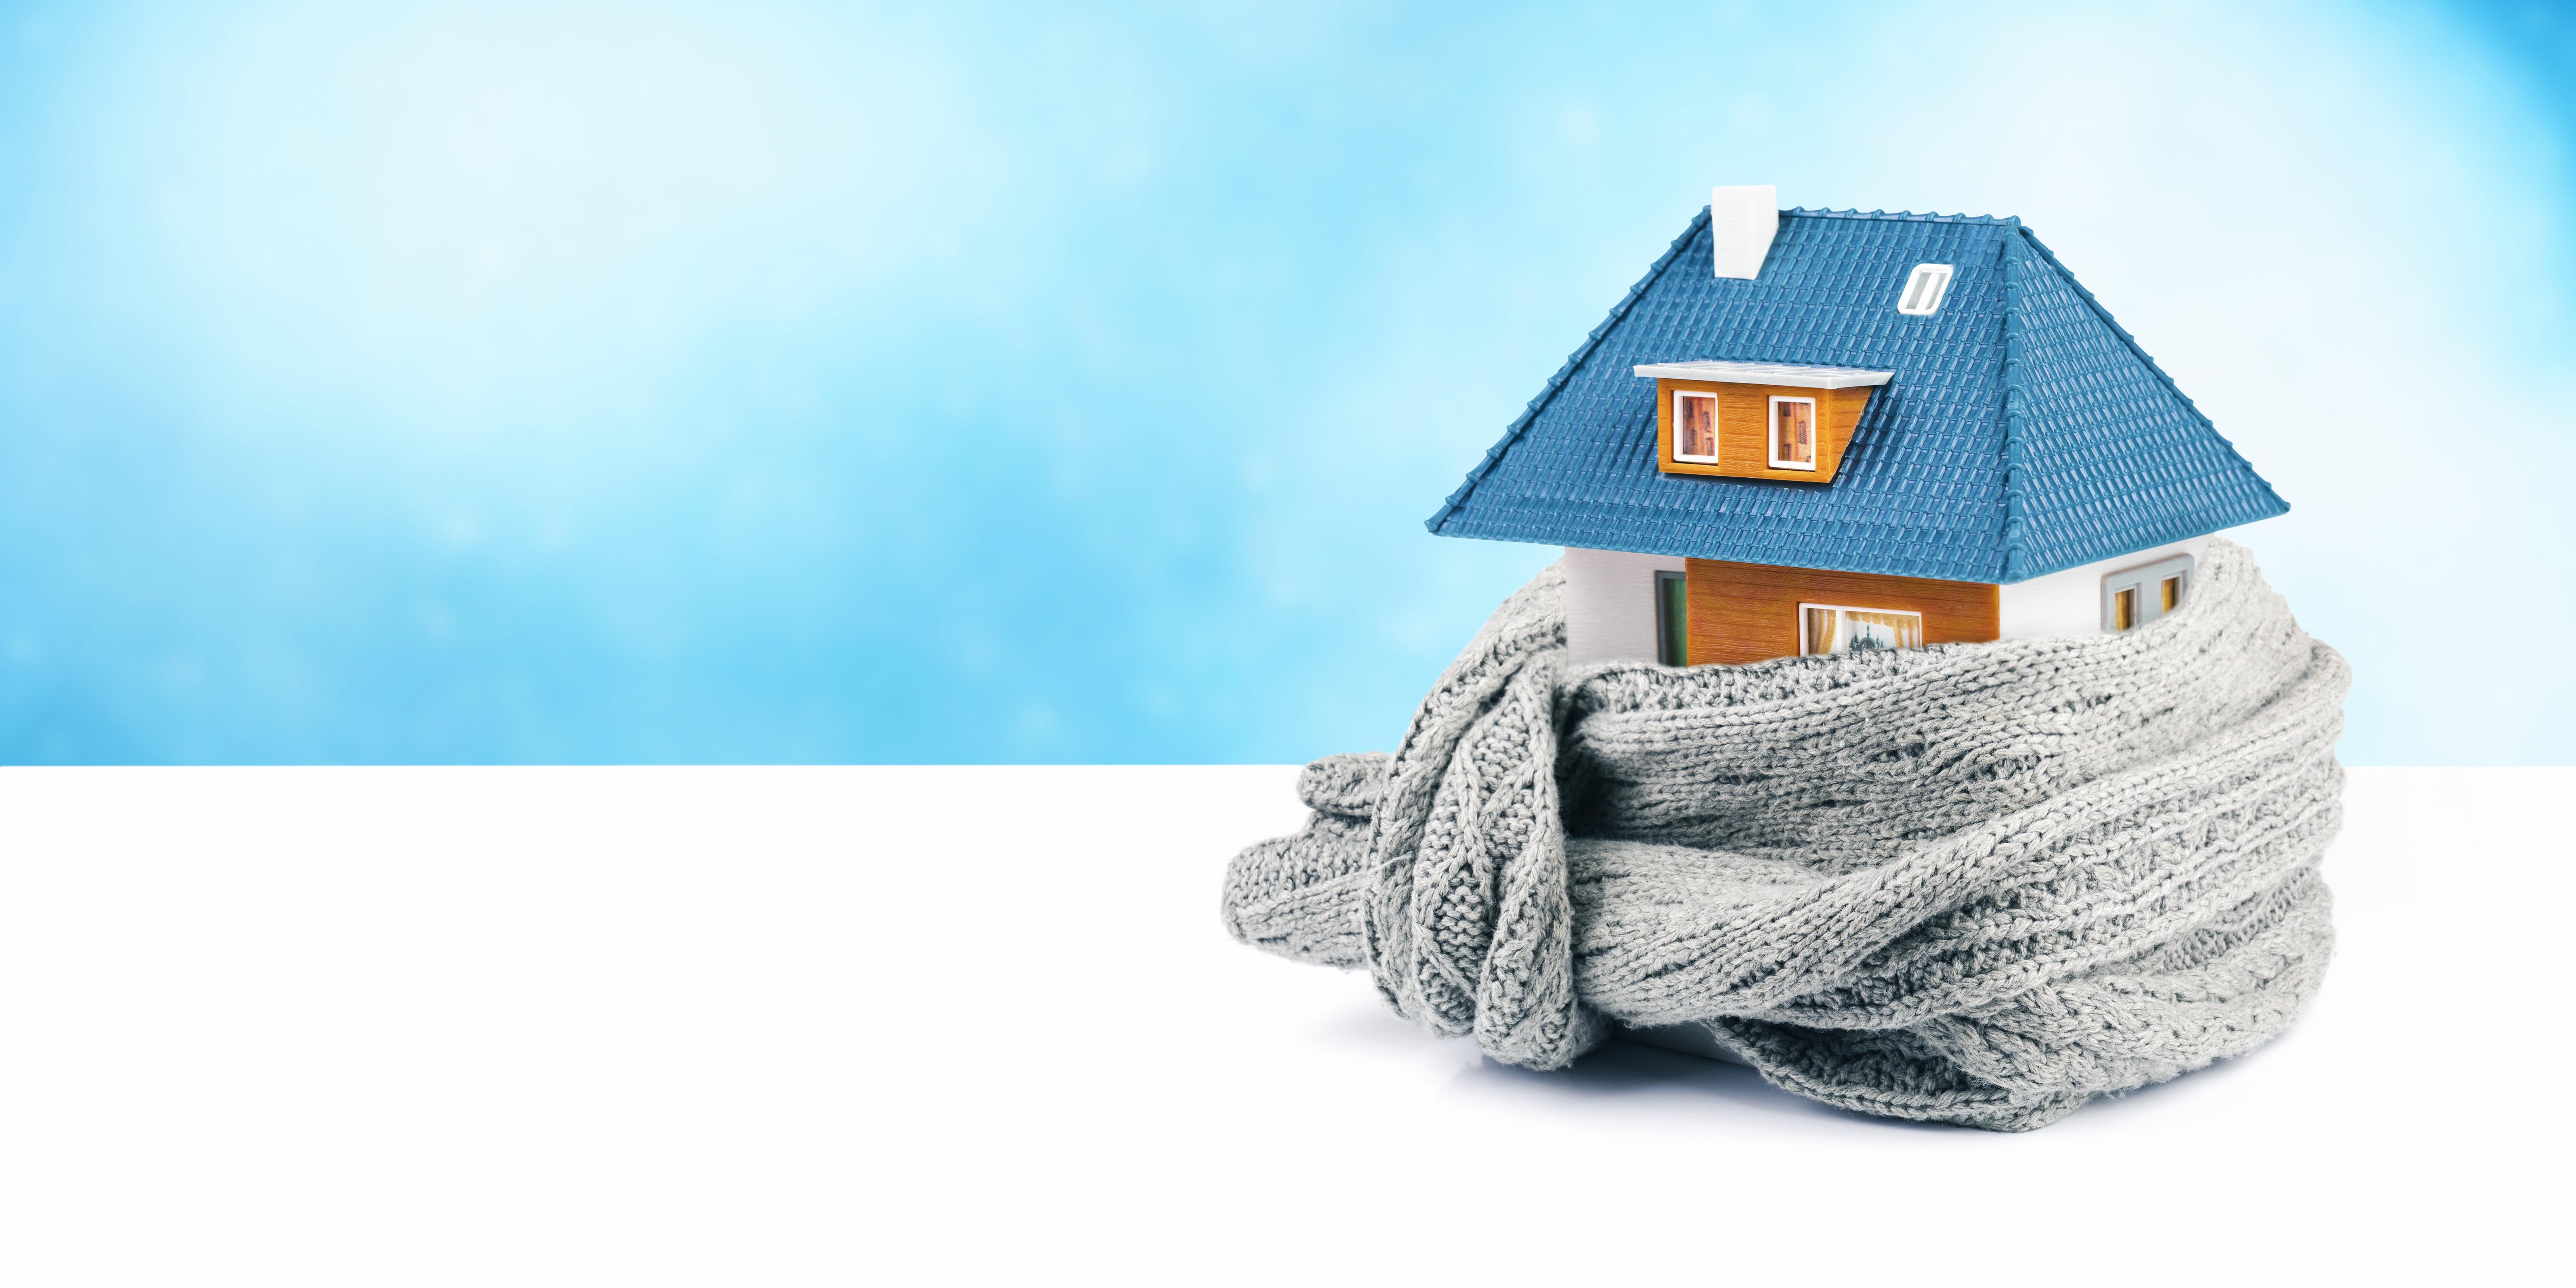 gartenhaus d mmen gesch tzt vor der winterlichen k lte. Black Bedroom Furniture Sets. Home Design Ideas